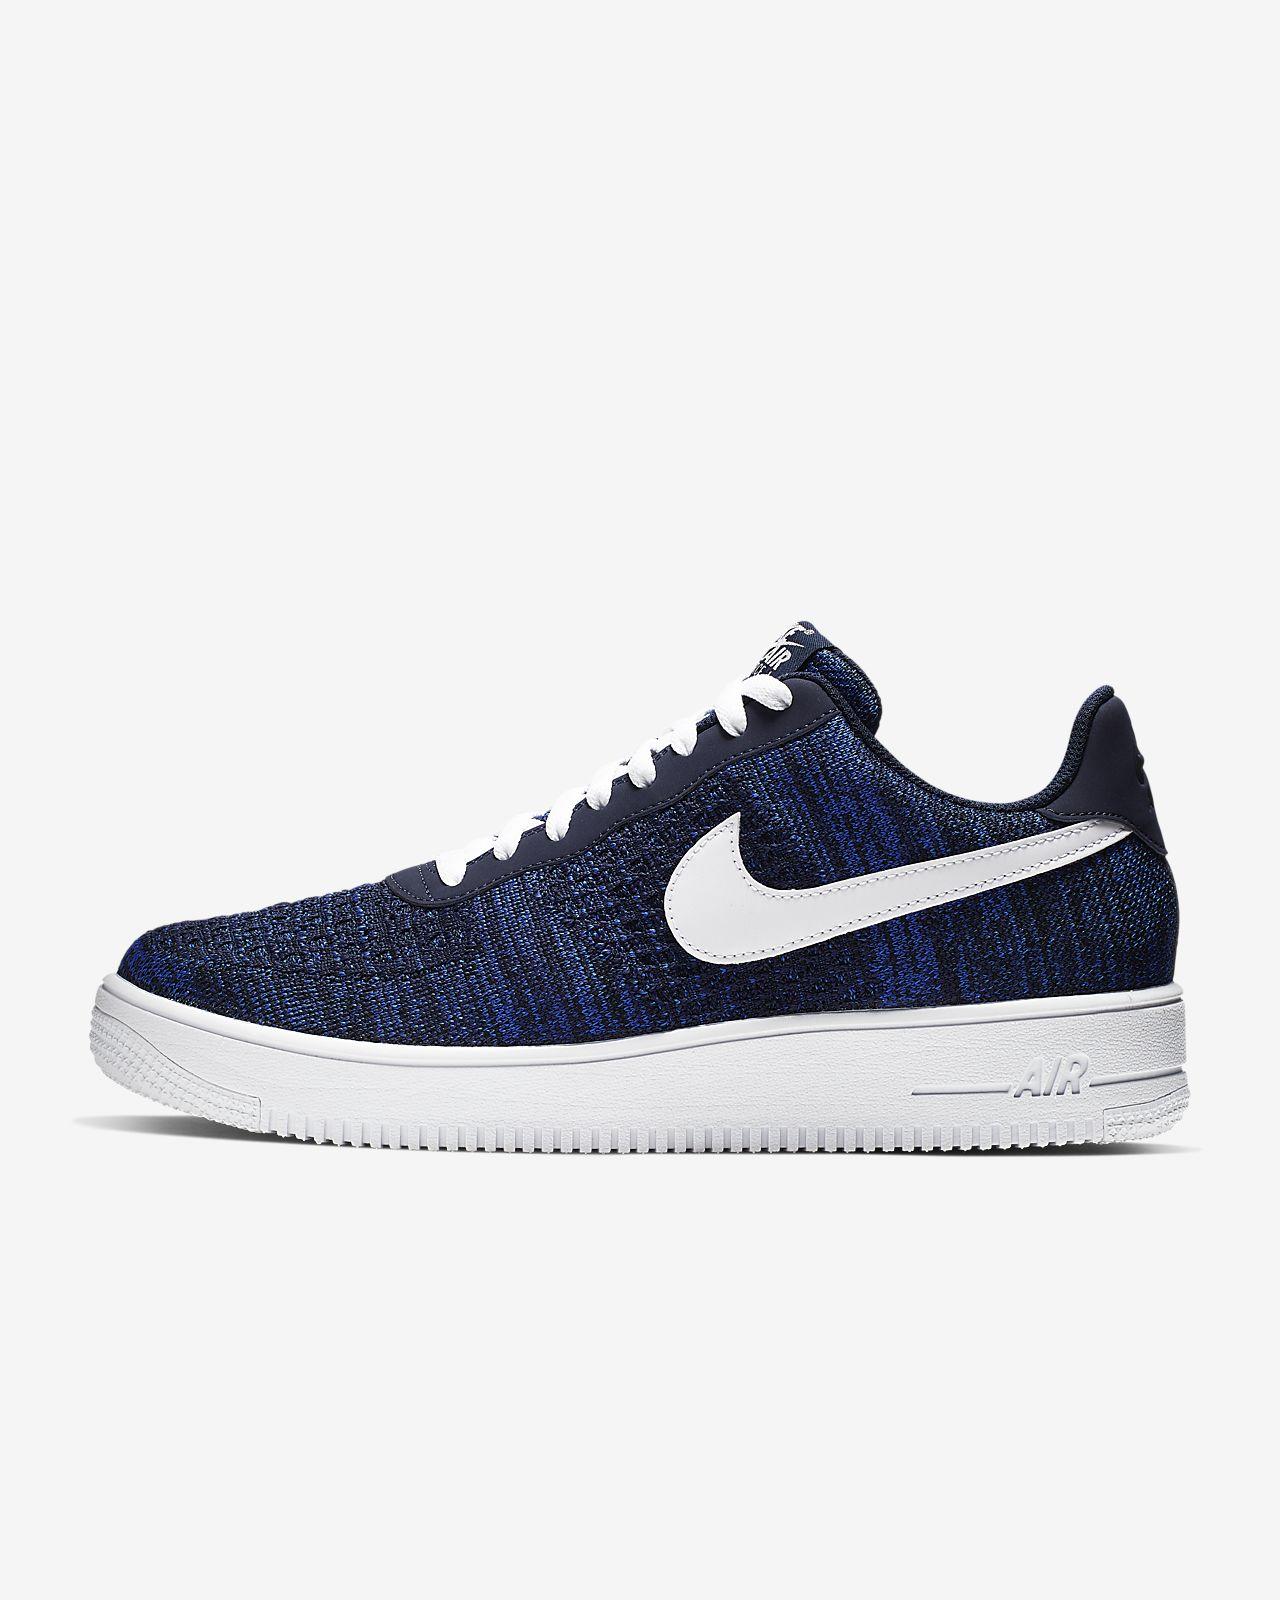 Nike Air Force 1 Flyknit 2.0 Schoen